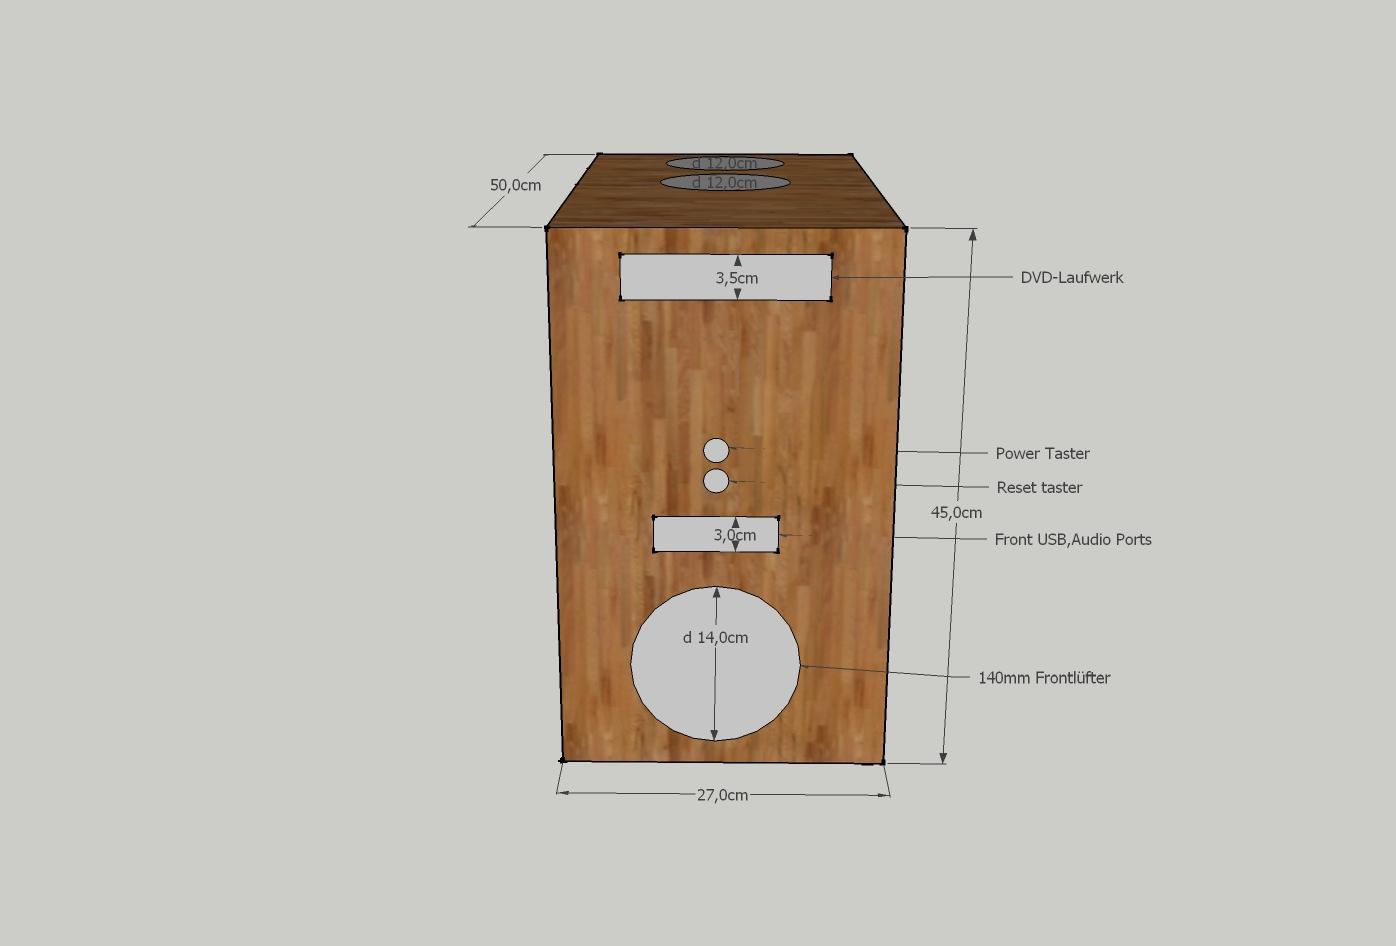 neues case selber bauen nieten oder schrauben seite 2. Black Bedroom Furniture Sets. Home Design Ideas